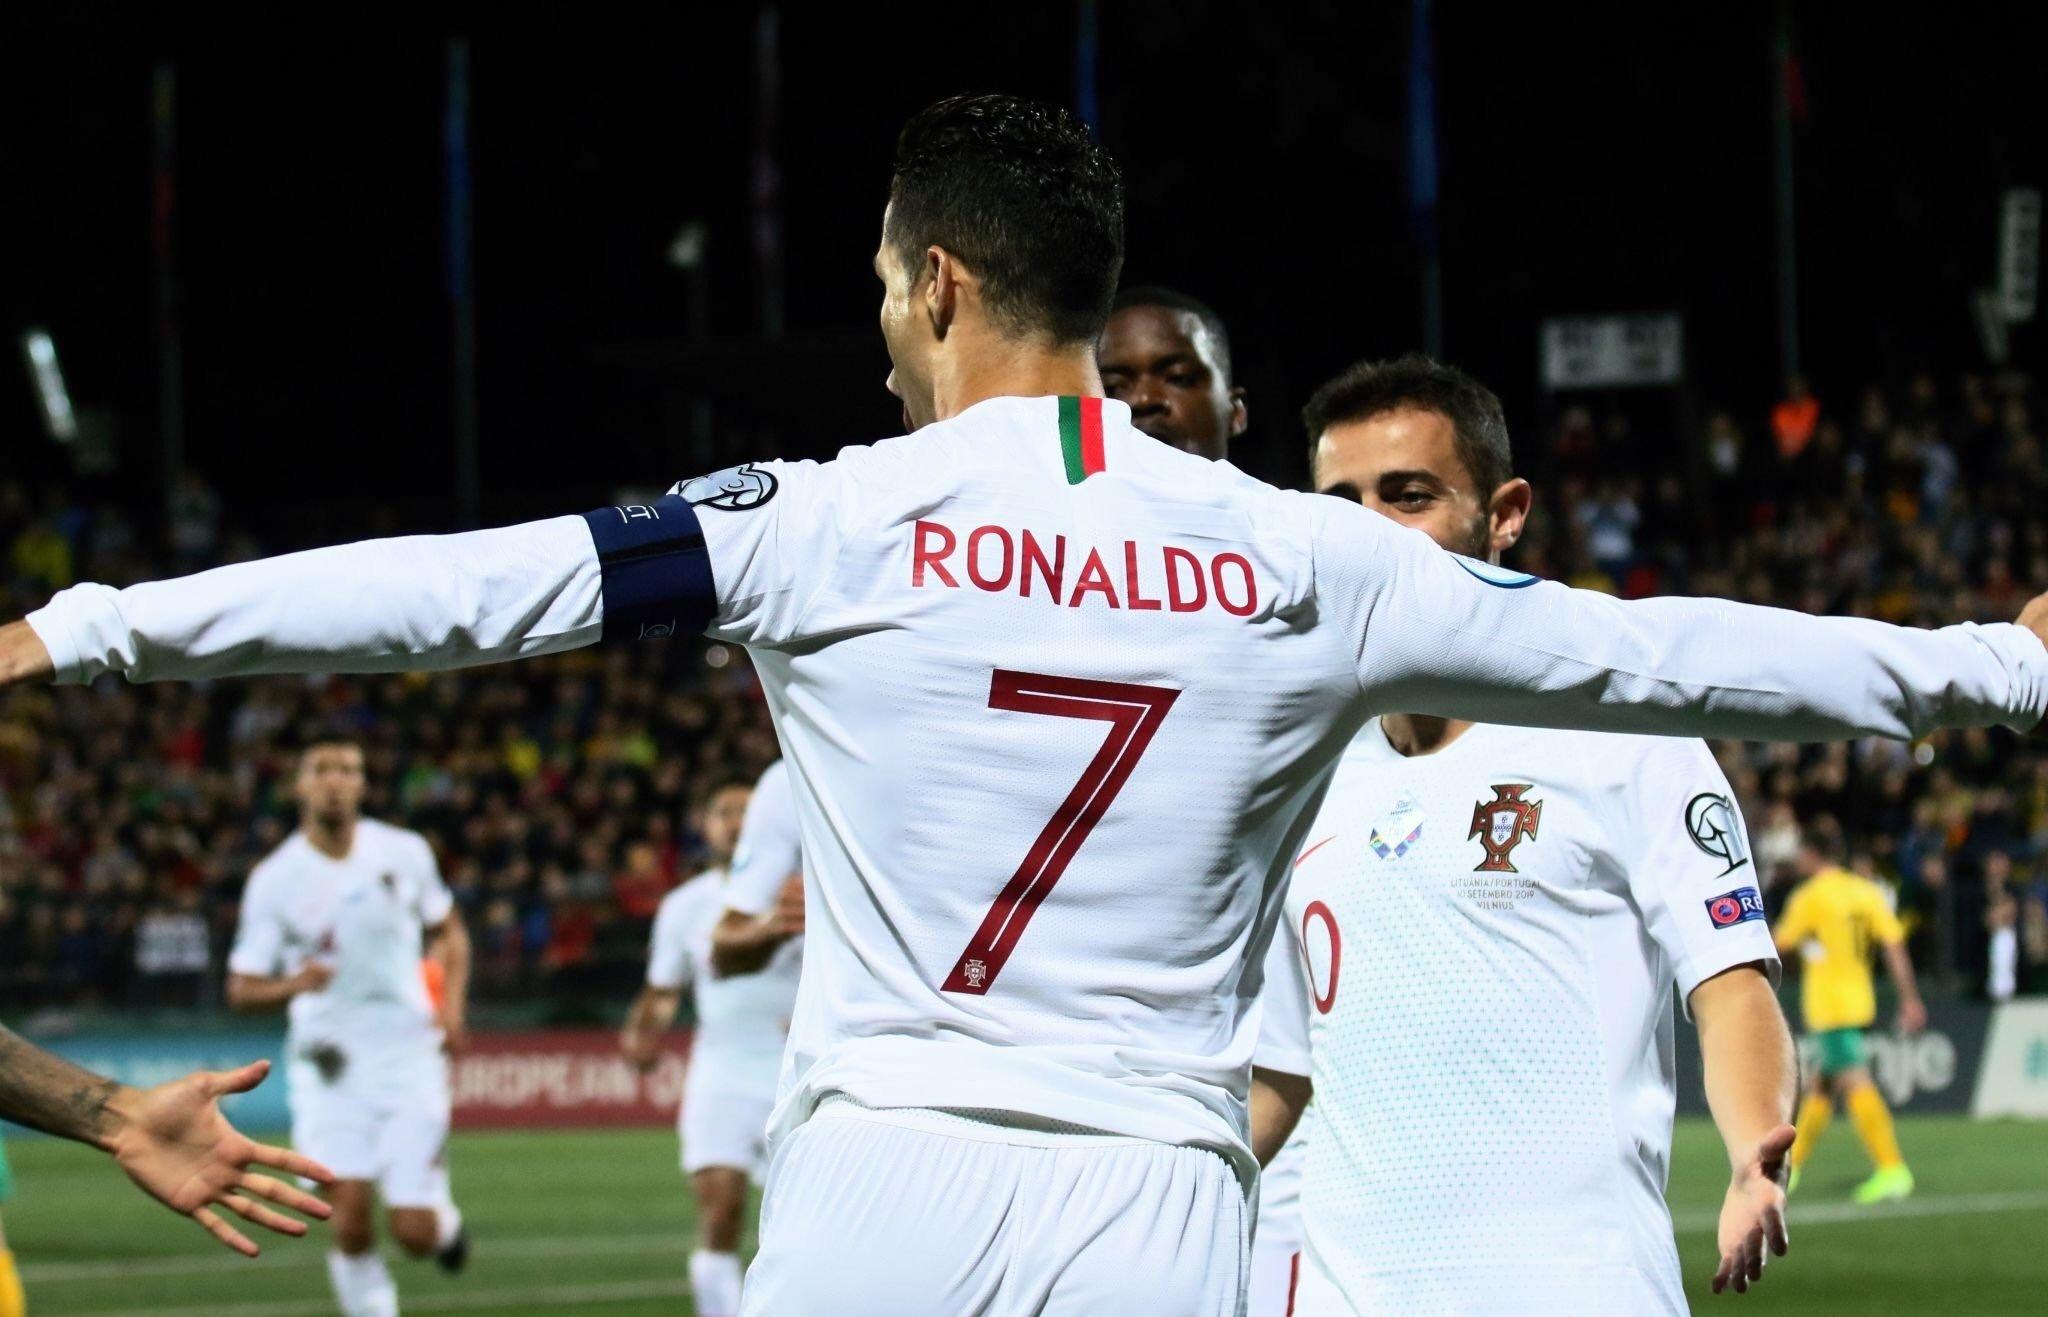 كريستيانو رونالدو وبرناردو مع منتخب البرتغال